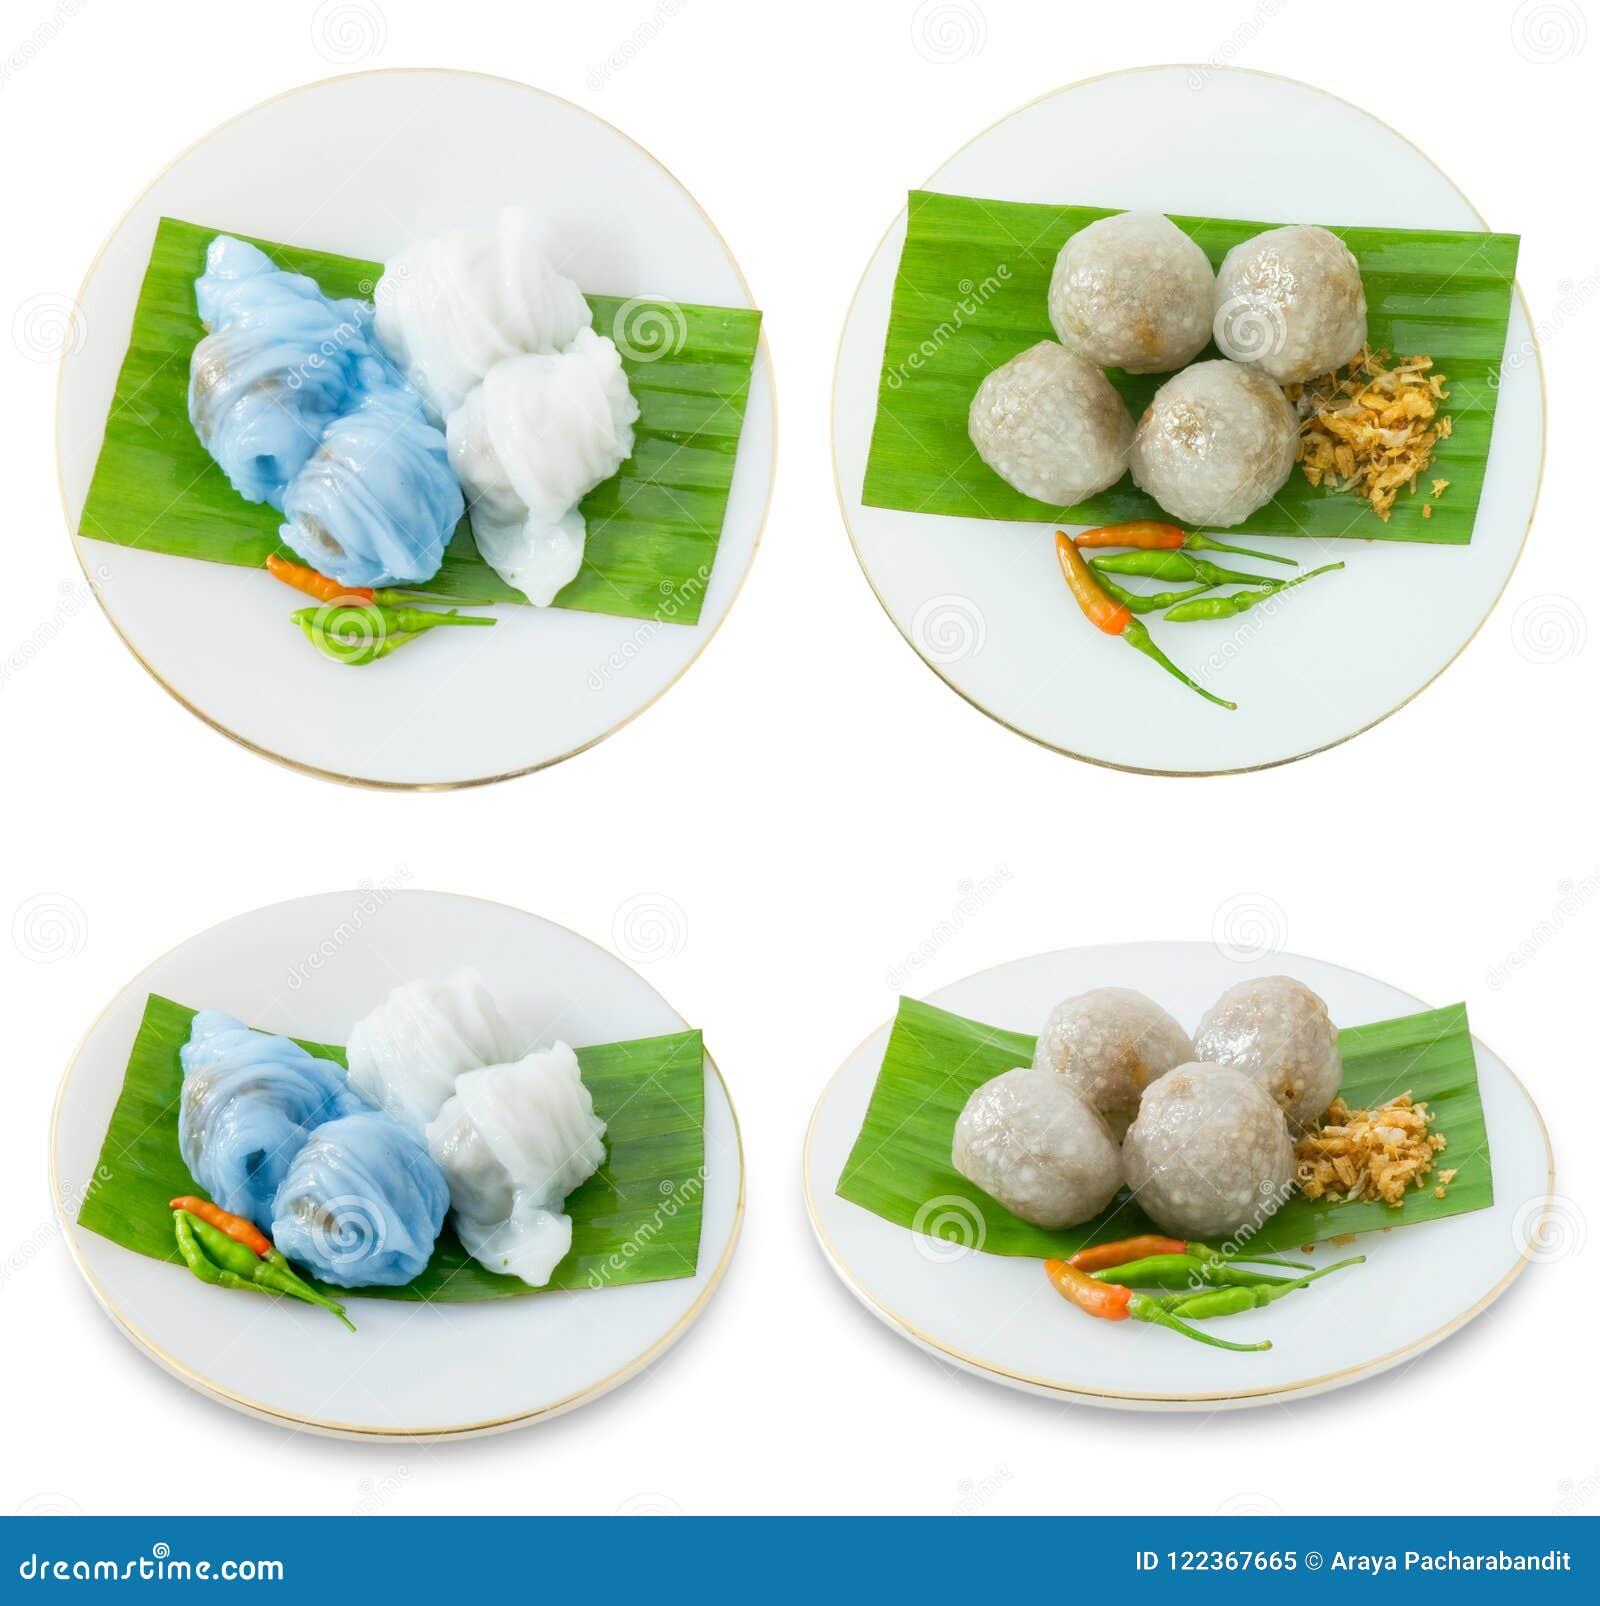 Boulette cuite à la vapeur thaïlandaise de peau de riz avec des boules de tapioca